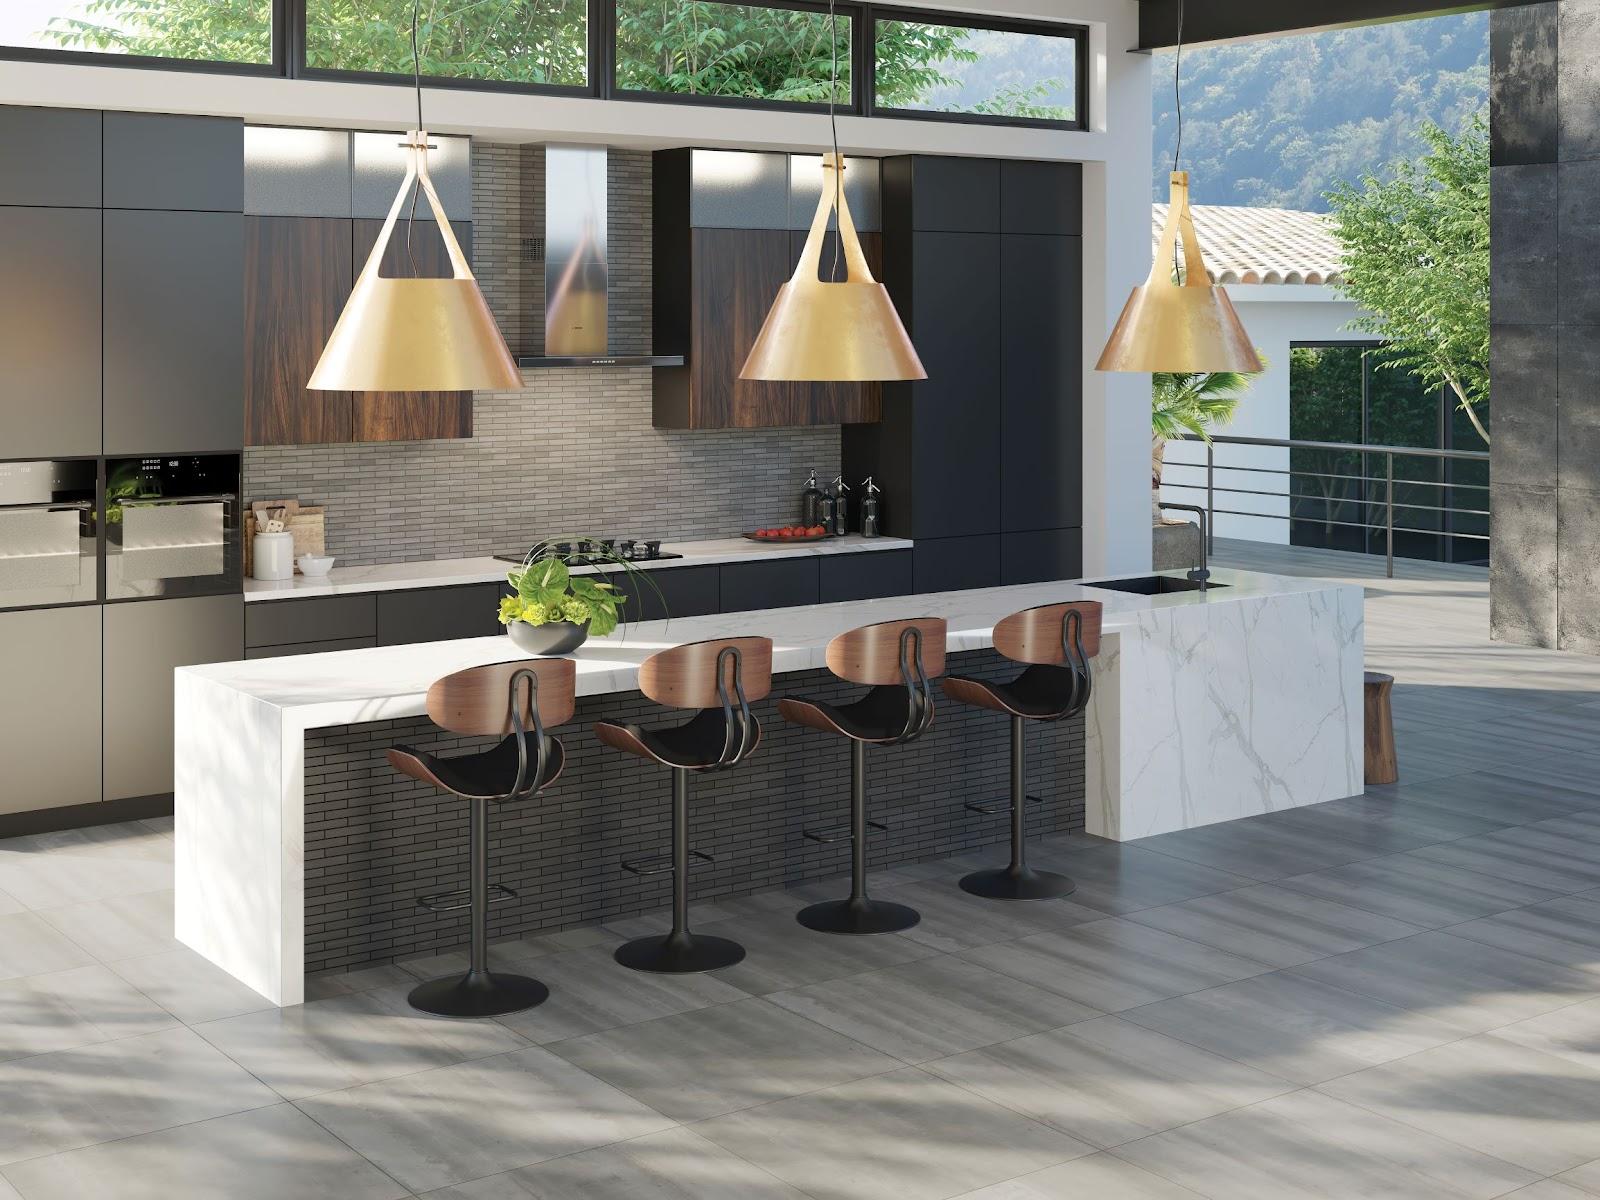 Indoor-outdoor kitchen with ceramic tile